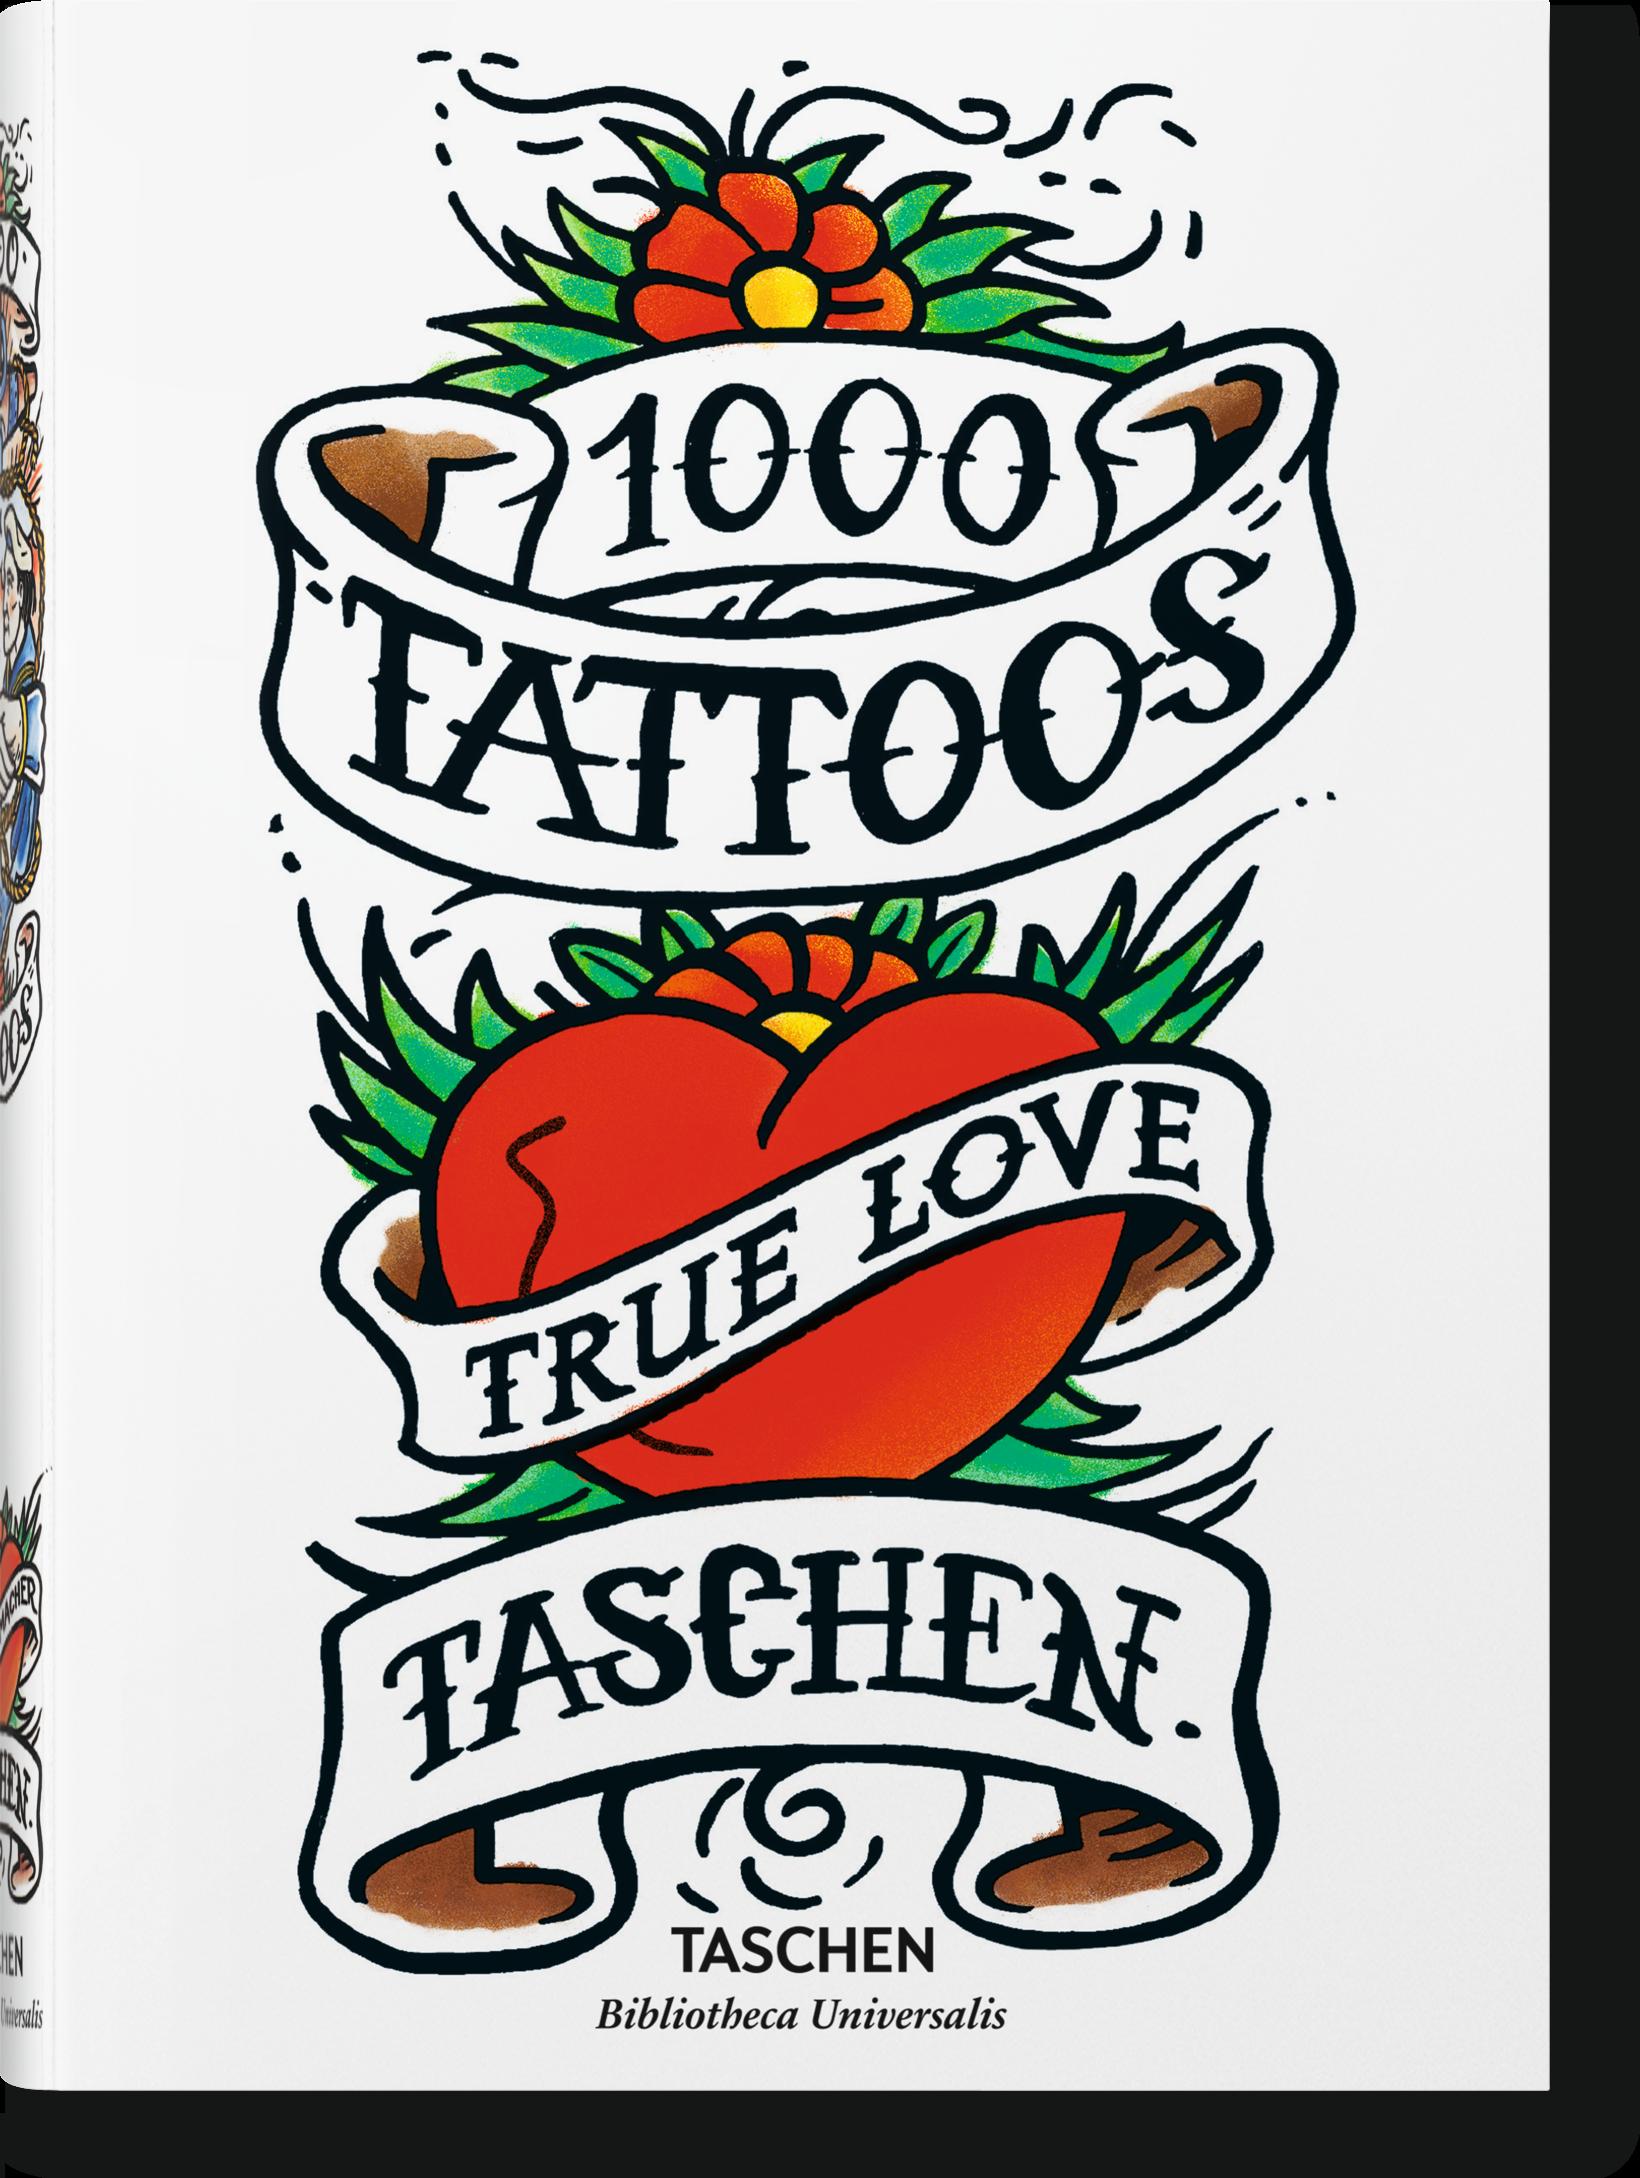 25_tattoos_hc_ko_int_3d_45422_1503121900_id_912182.png